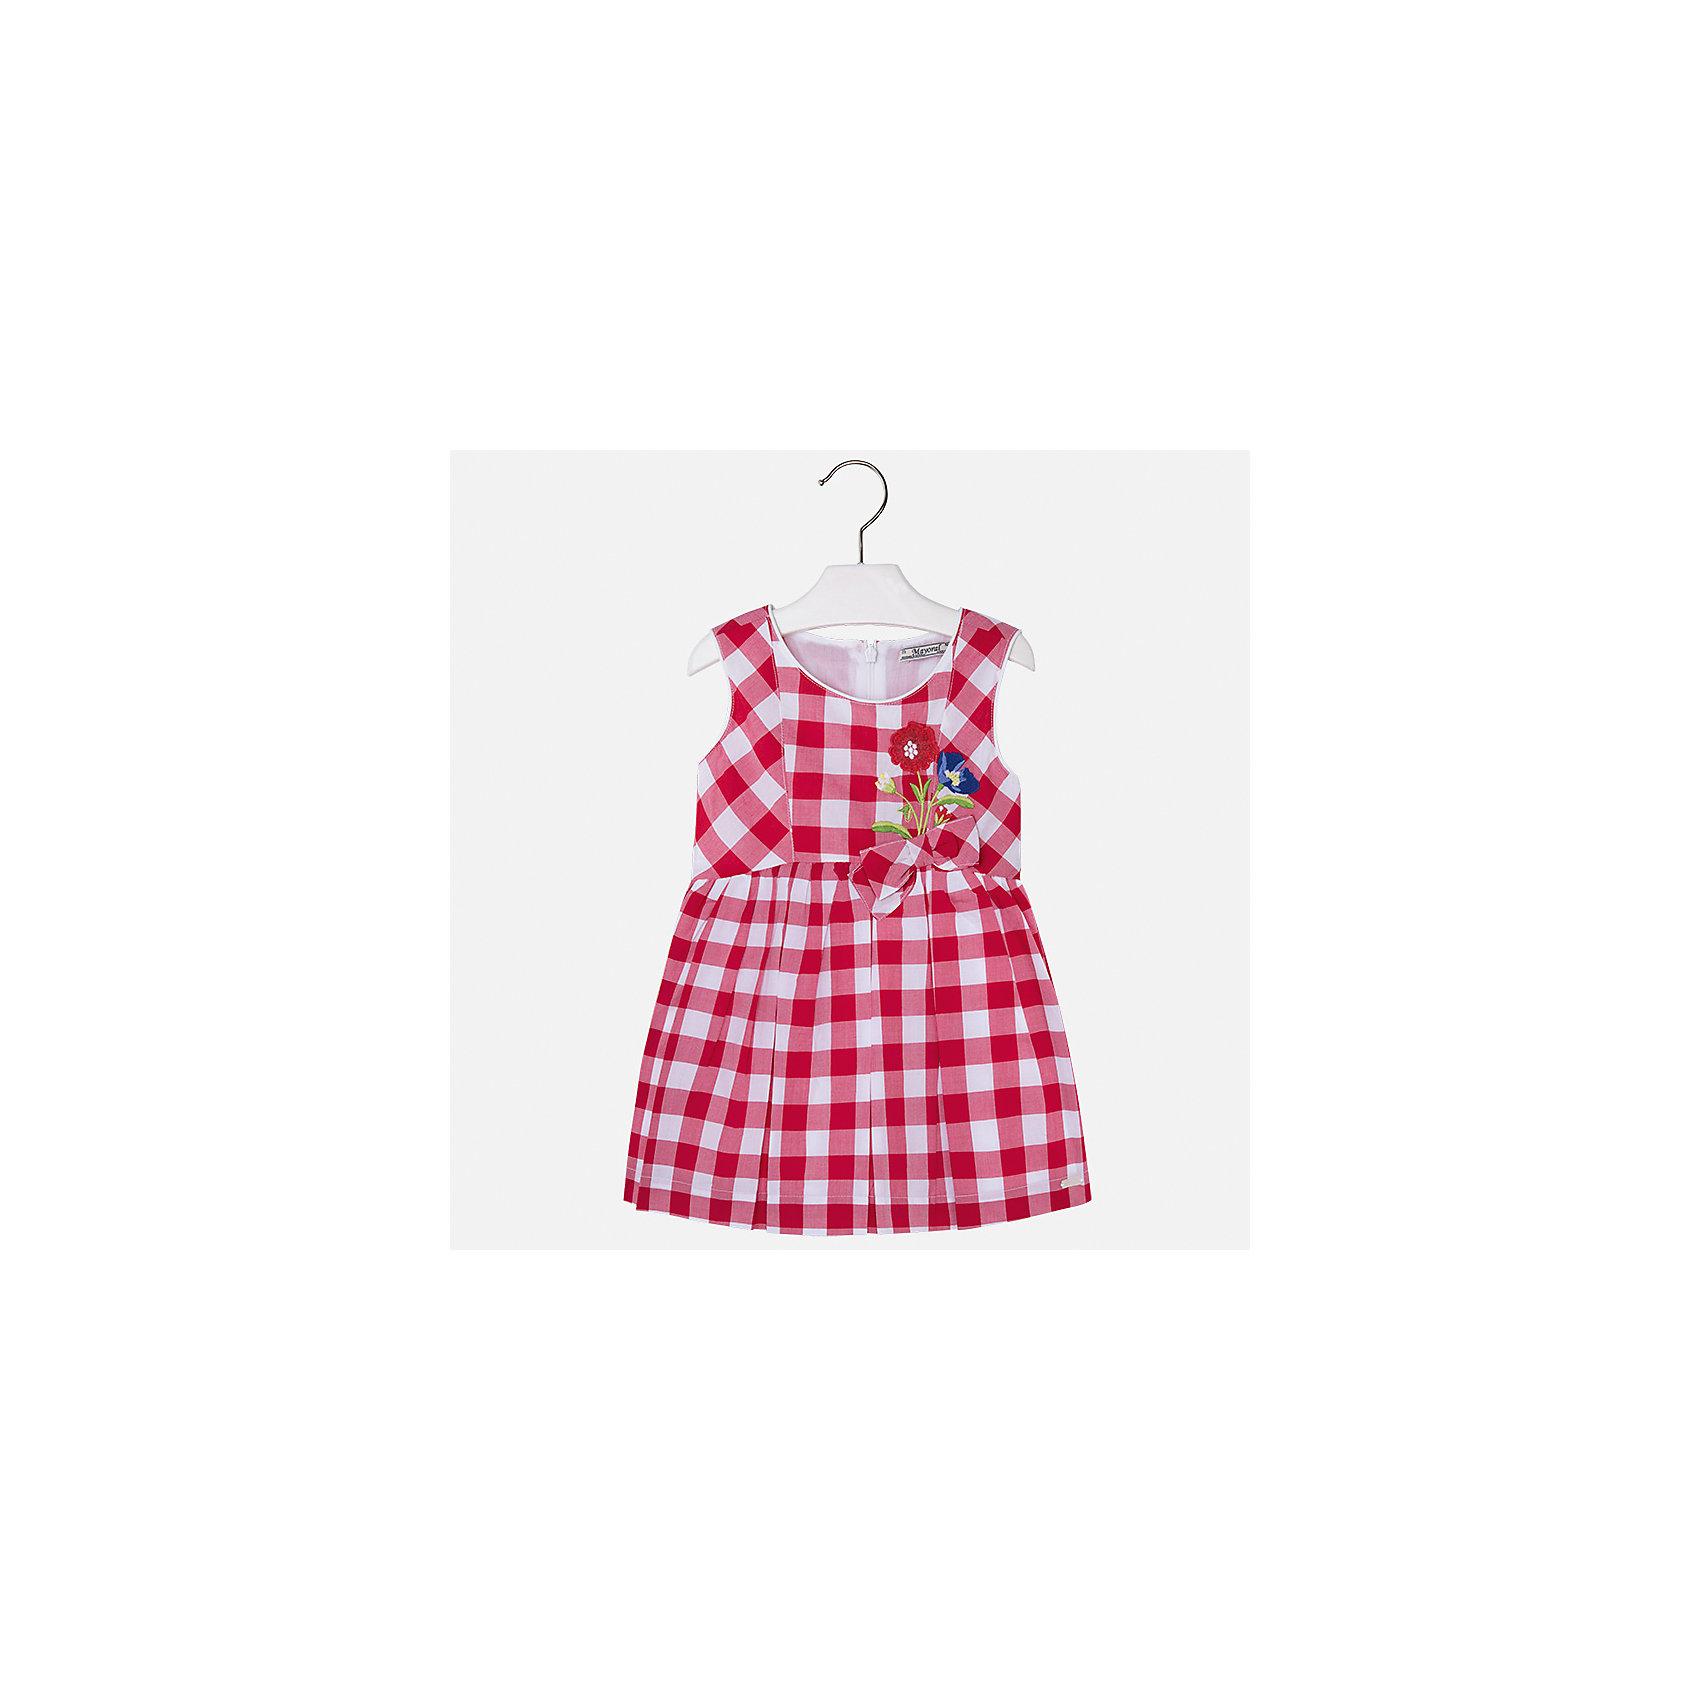 Платье для девочки MayoralПлатья и сарафаны<br>Характеристики товара:<br><br>• цвет: красная клетка<br>• состав: 100% хлопок, подкладка - 100% хлопок<br>• застежка: молния<br>• в клетку<br>• украшено вышивкой и бантом<br>• без рукавов<br>• с подкладкой<br>• страна бренда: Испания<br><br>Модное красивое платье для девочки поможет разнообразить гардероб ребенка и создать эффектный наряд. Оно отлично подойдет для торжественных случаев или на каждый день. Красивый оттенок позволяет подобрать к вещи обувь разных расцветок. В составе материала подкладки - натуральный хлопок, гипоаллергенный, приятный на ощупь, дышащий. Платье хорошо сидит по фигуре.<br><br>Одежда, обувь и аксессуары от испанского бренда Mayoral полюбились детям и взрослым по всему миру. Модели этой марки - стильные и удобные. Для их производства используются только безопасные, качественные материалы и фурнитура. Порадуйте ребенка модными и красивыми вещами от Mayoral! <br><br>Платье для девочки от испанского бренда Mayoral (Майорал) можно купить в нашем интернет-магазине.<br><br>Ширина мм: 236<br>Глубина мм: 16<br>Высота мм: 184<br>Вес г: 177<br>Цвет: красный<br>Возраст от месяцев: 18<br>Возраст до месяцев: 24<br>Пол: Женский<br>Возраст: Детский<br>Размер: 92,116,98,104,110<br>SKU: 5291313